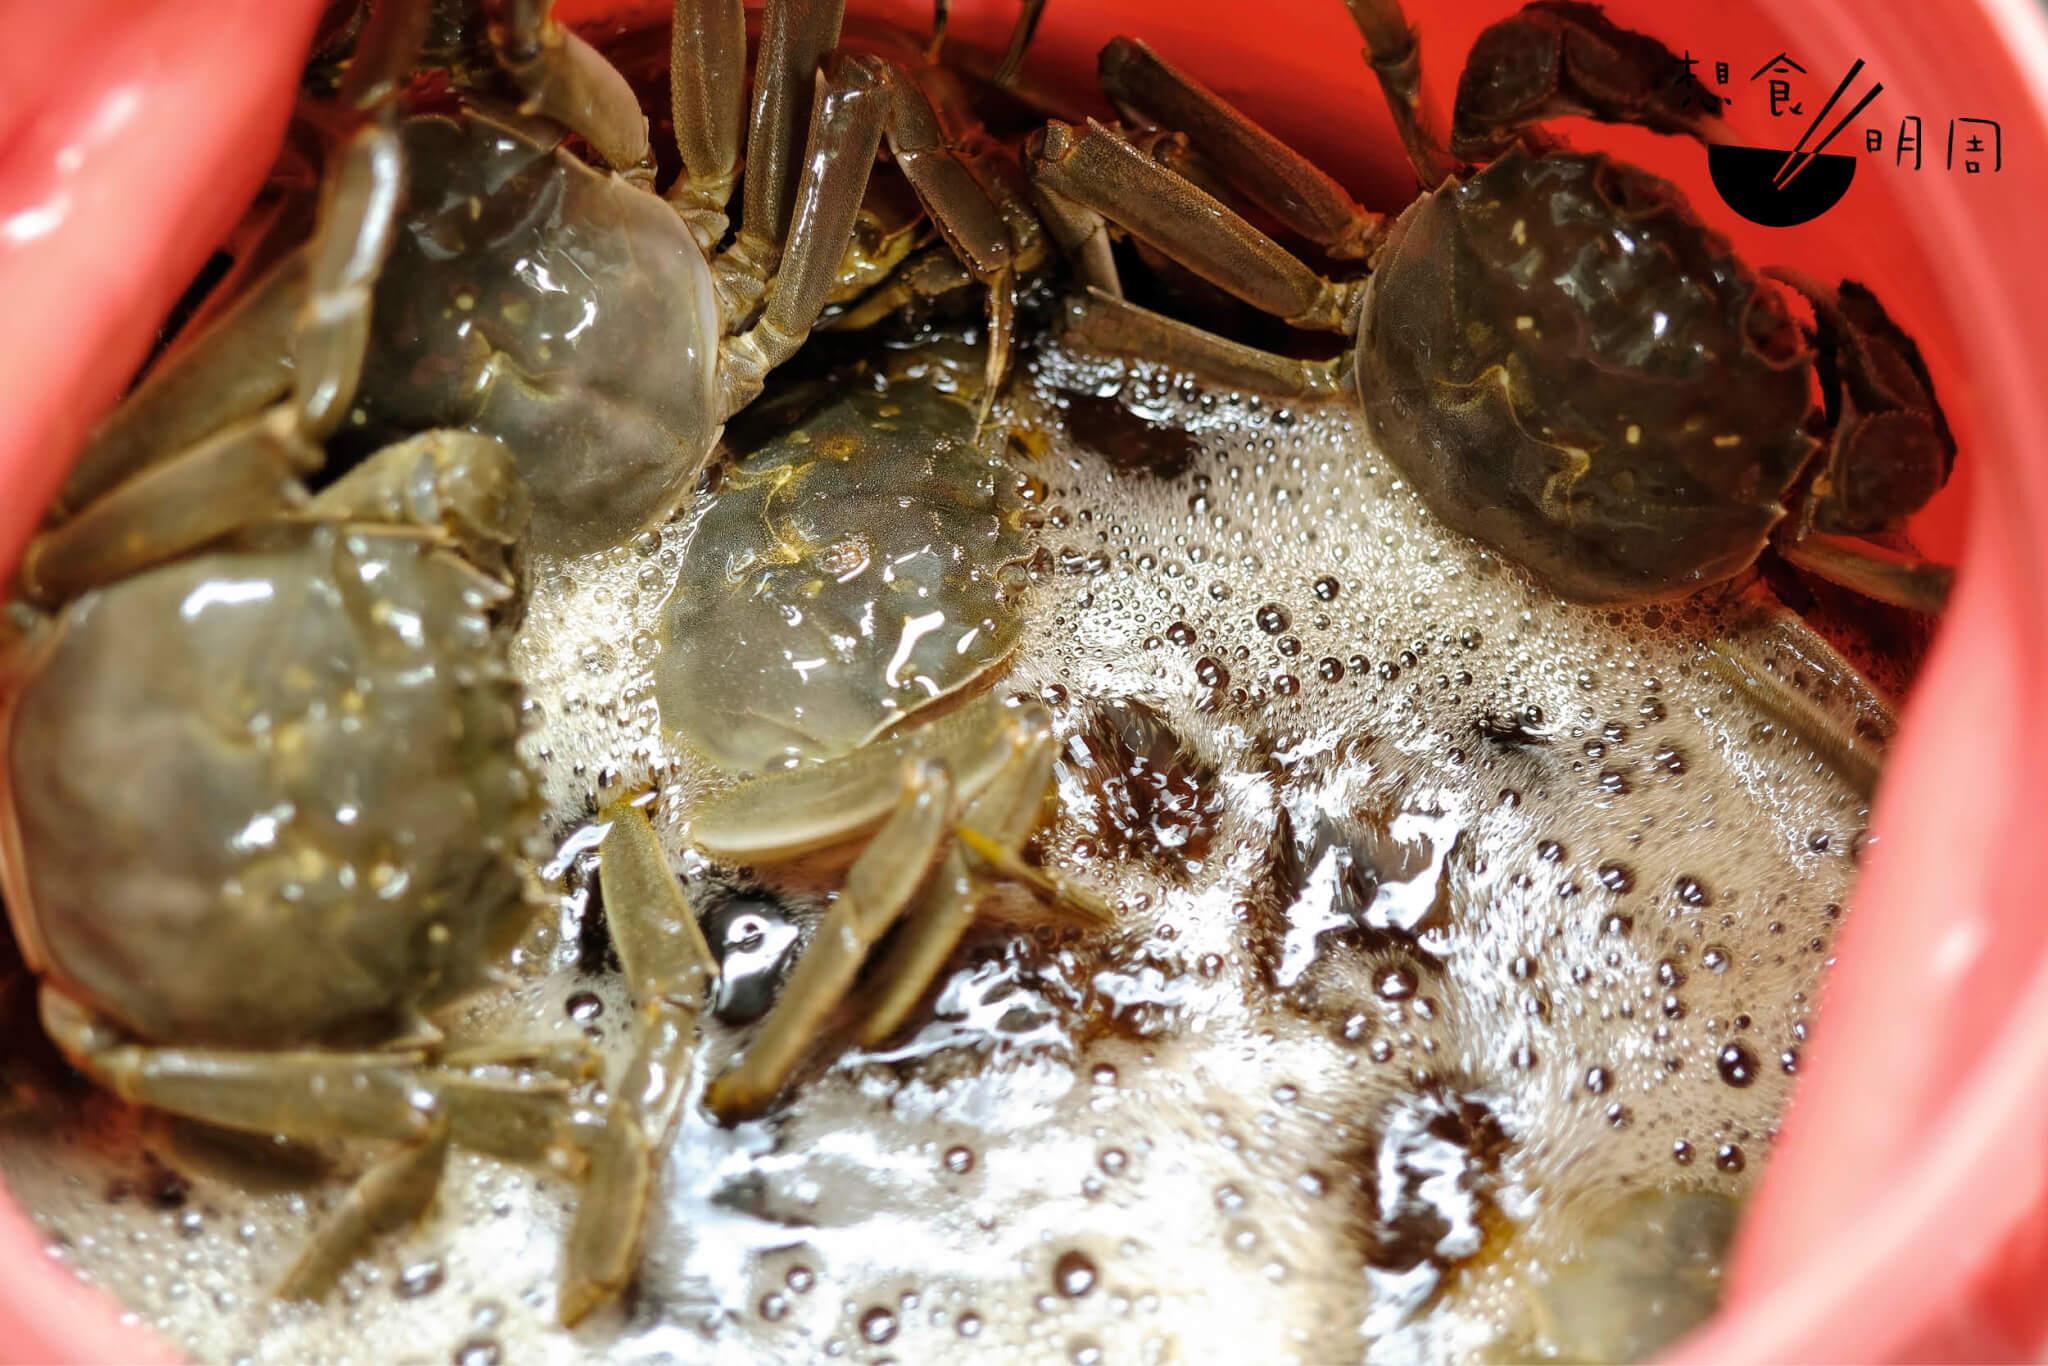 龍精虎猛的生蟹在濃濃黃酒中,醺暈、醉死, 跌蕩入迷醉酒鄉深處。兩日之後,折一蟹腳, 軟骨透明、與肉分離,便是「熟」了。